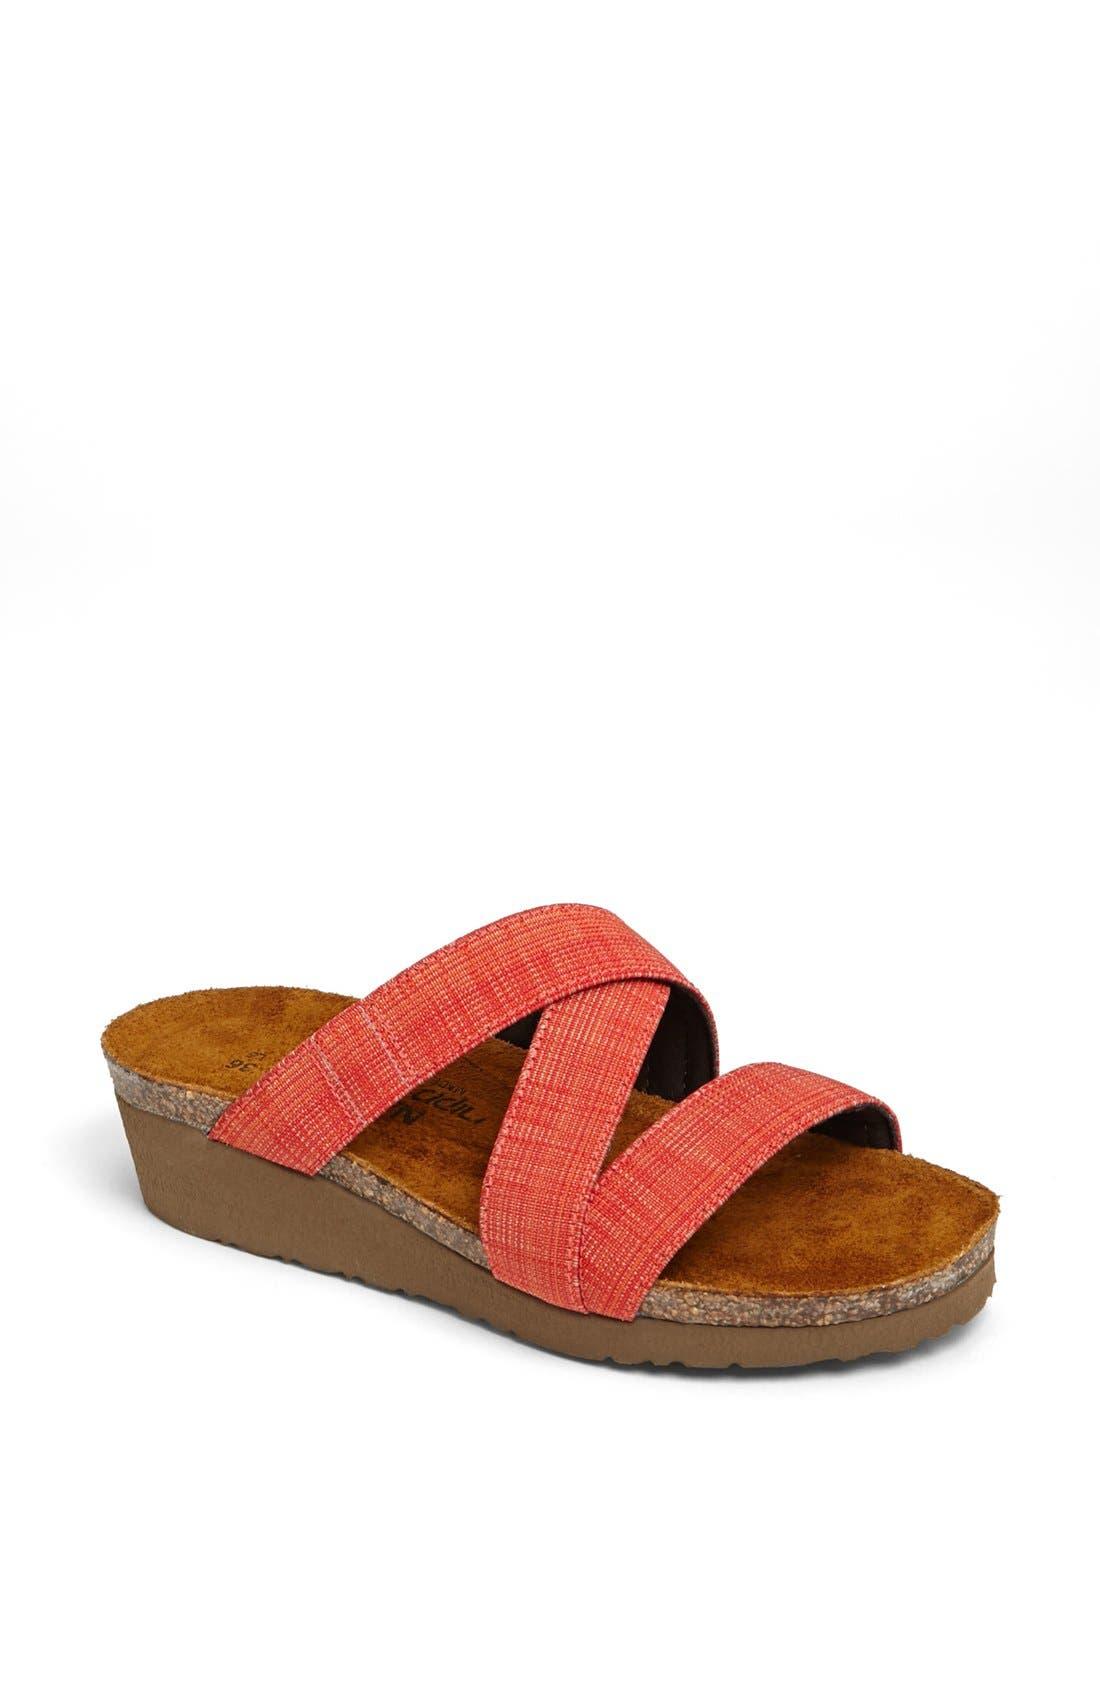 Naot 'Naomi' Sandal